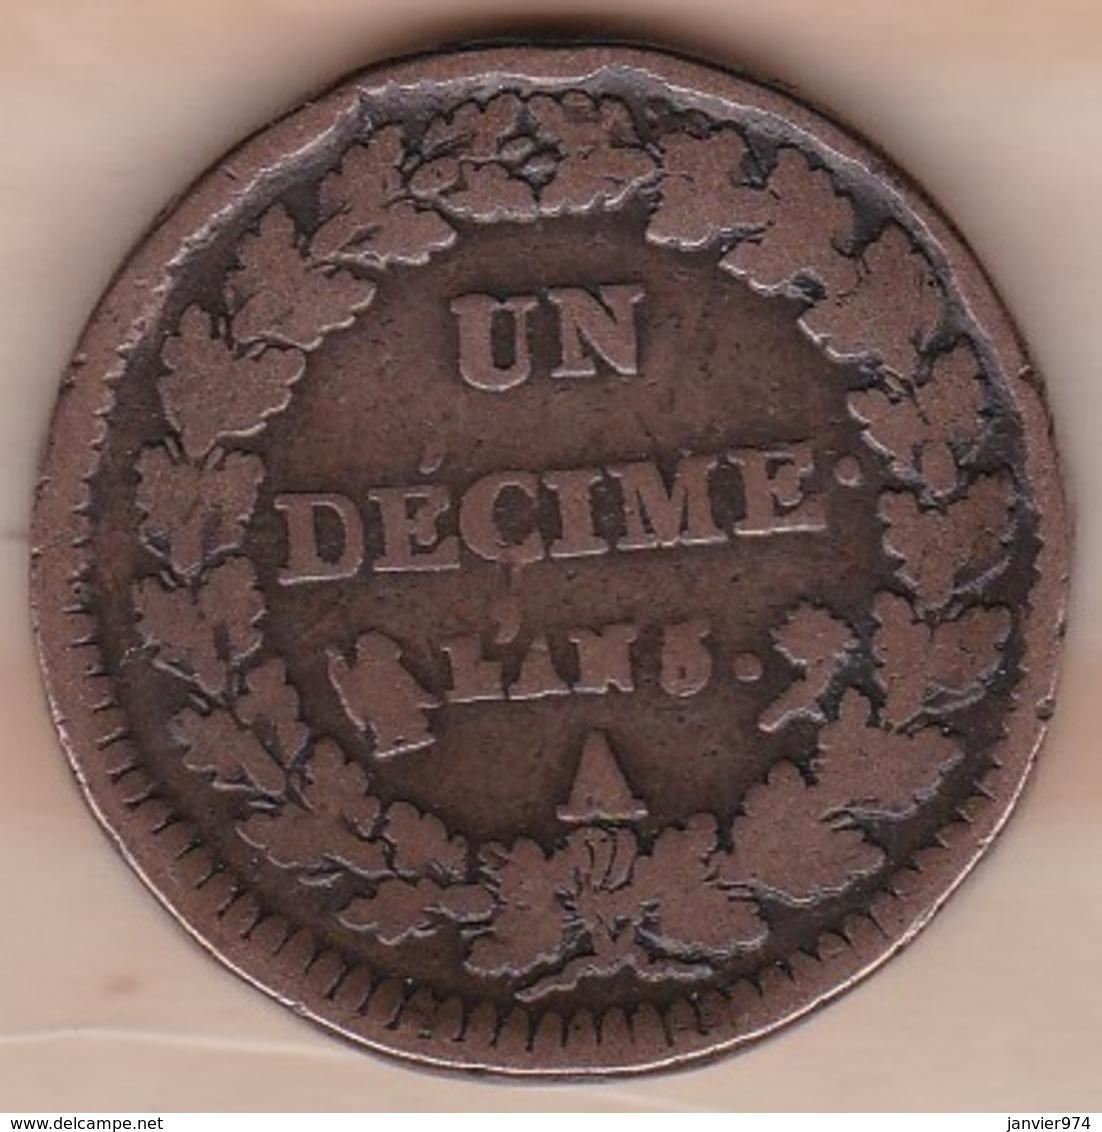 Directoire. Un Decime L'An 5 A Paris . - France